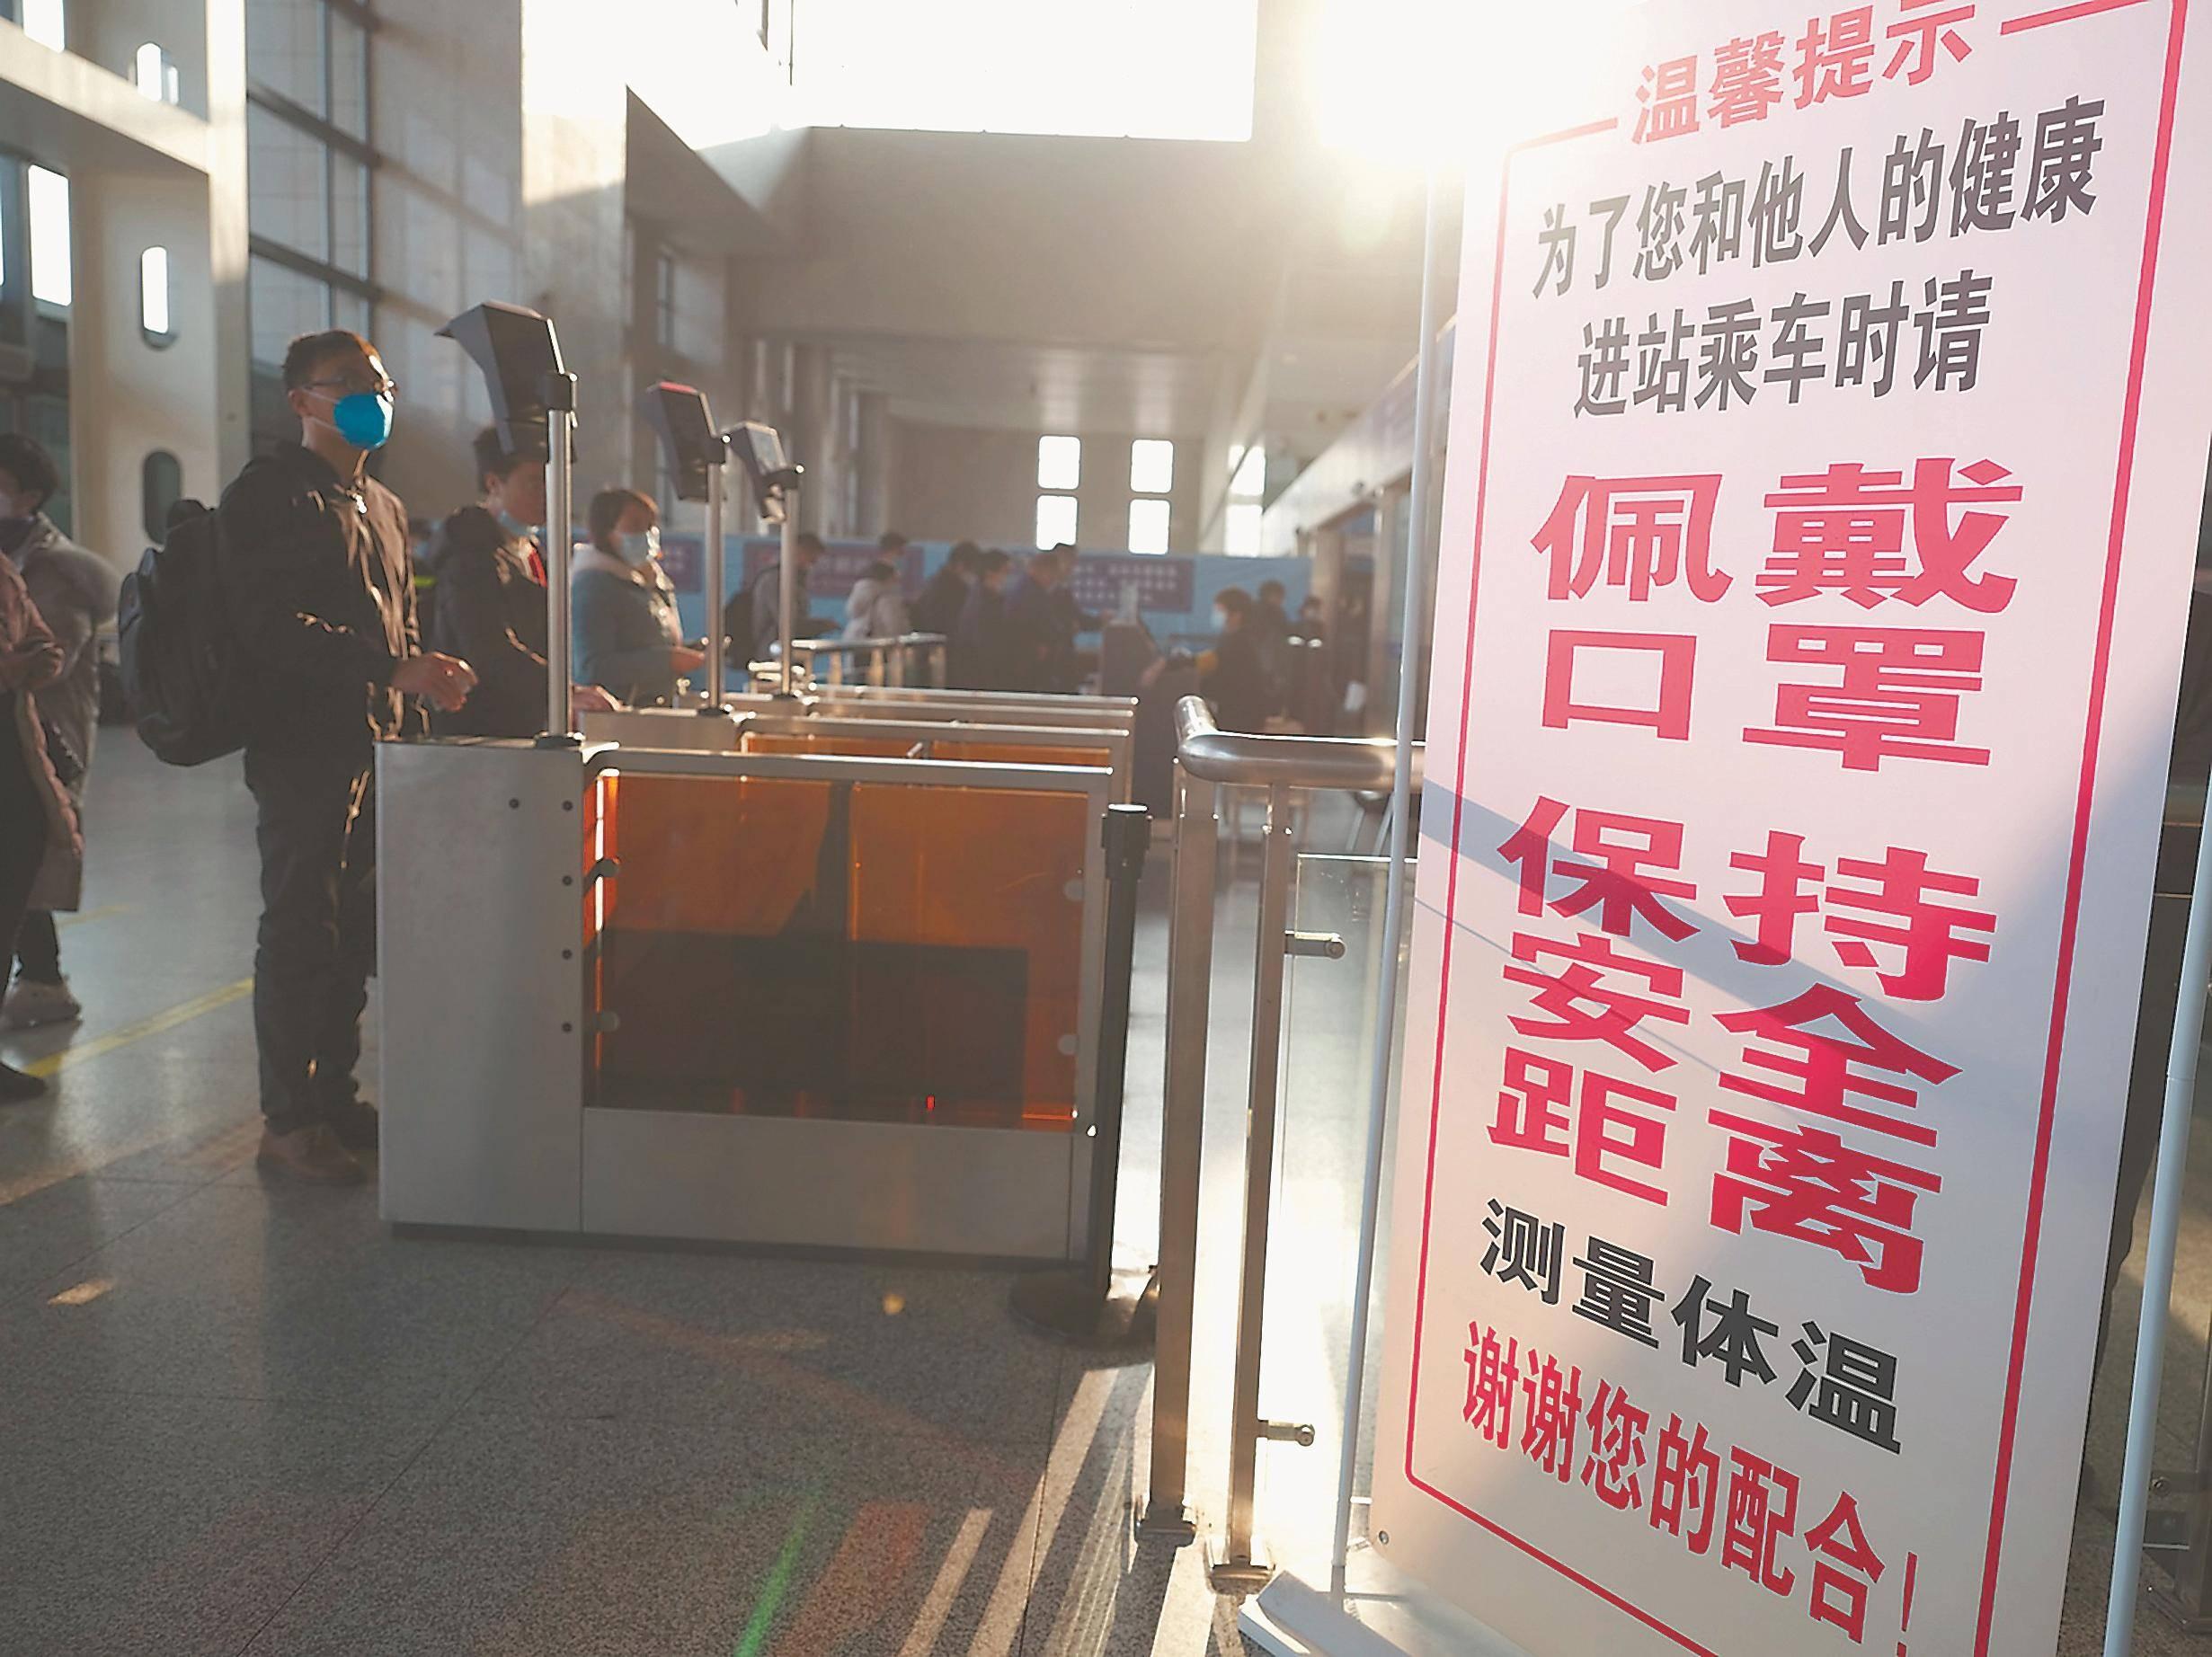 宋清辉:今年春节不回家吗?当地的新年政策可能会给文化和旅游业带来三个新的变化